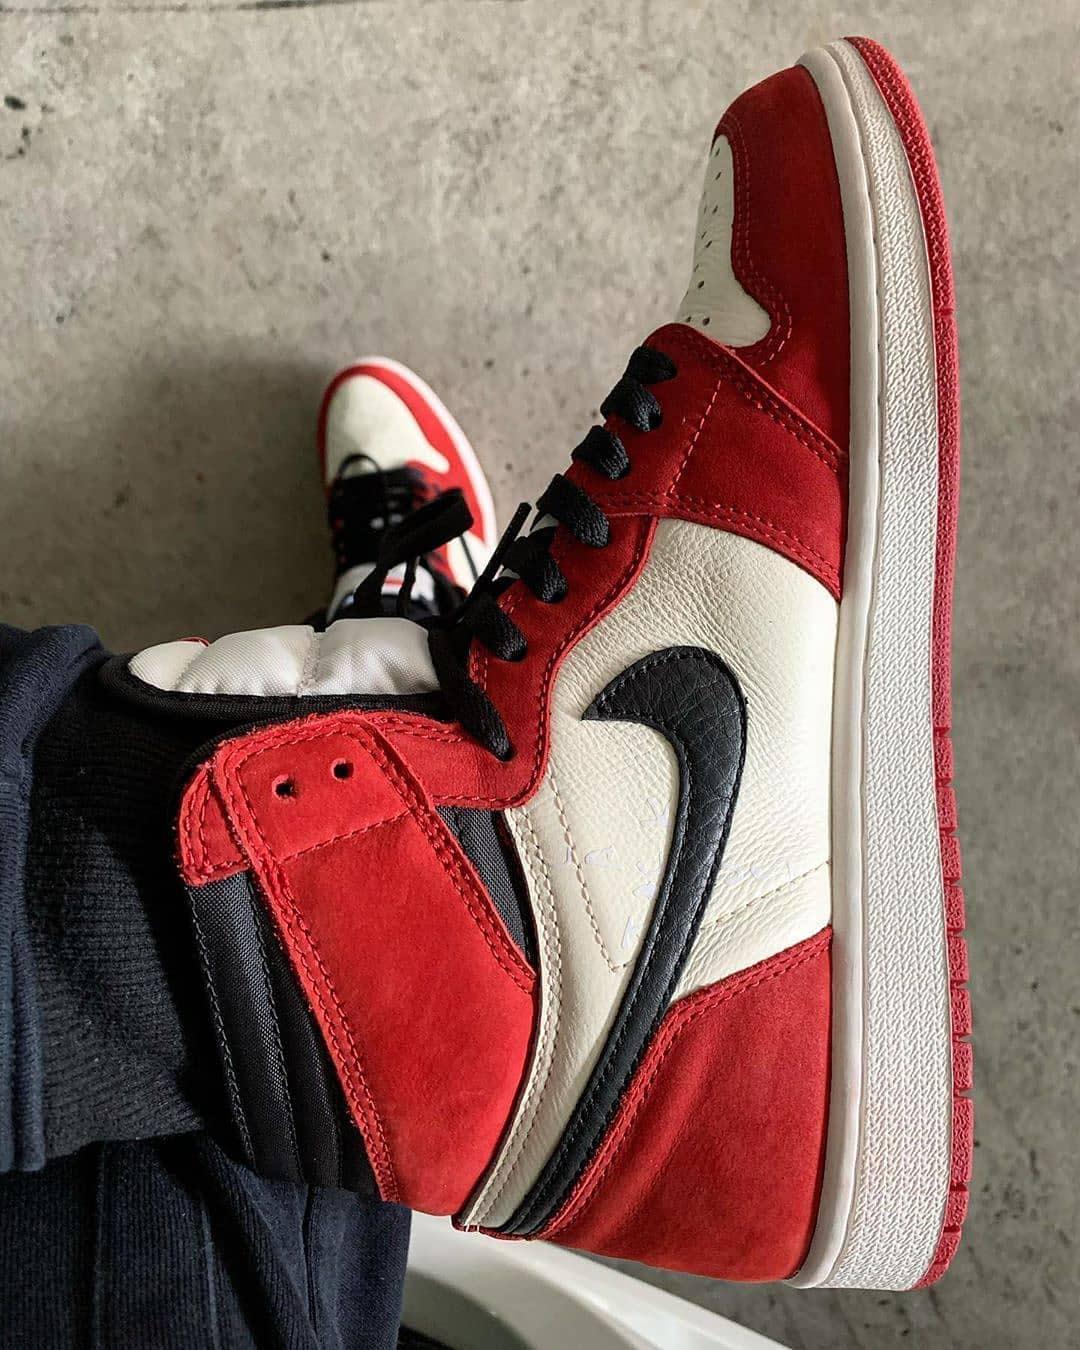 Air Jordan 1 Collaborations